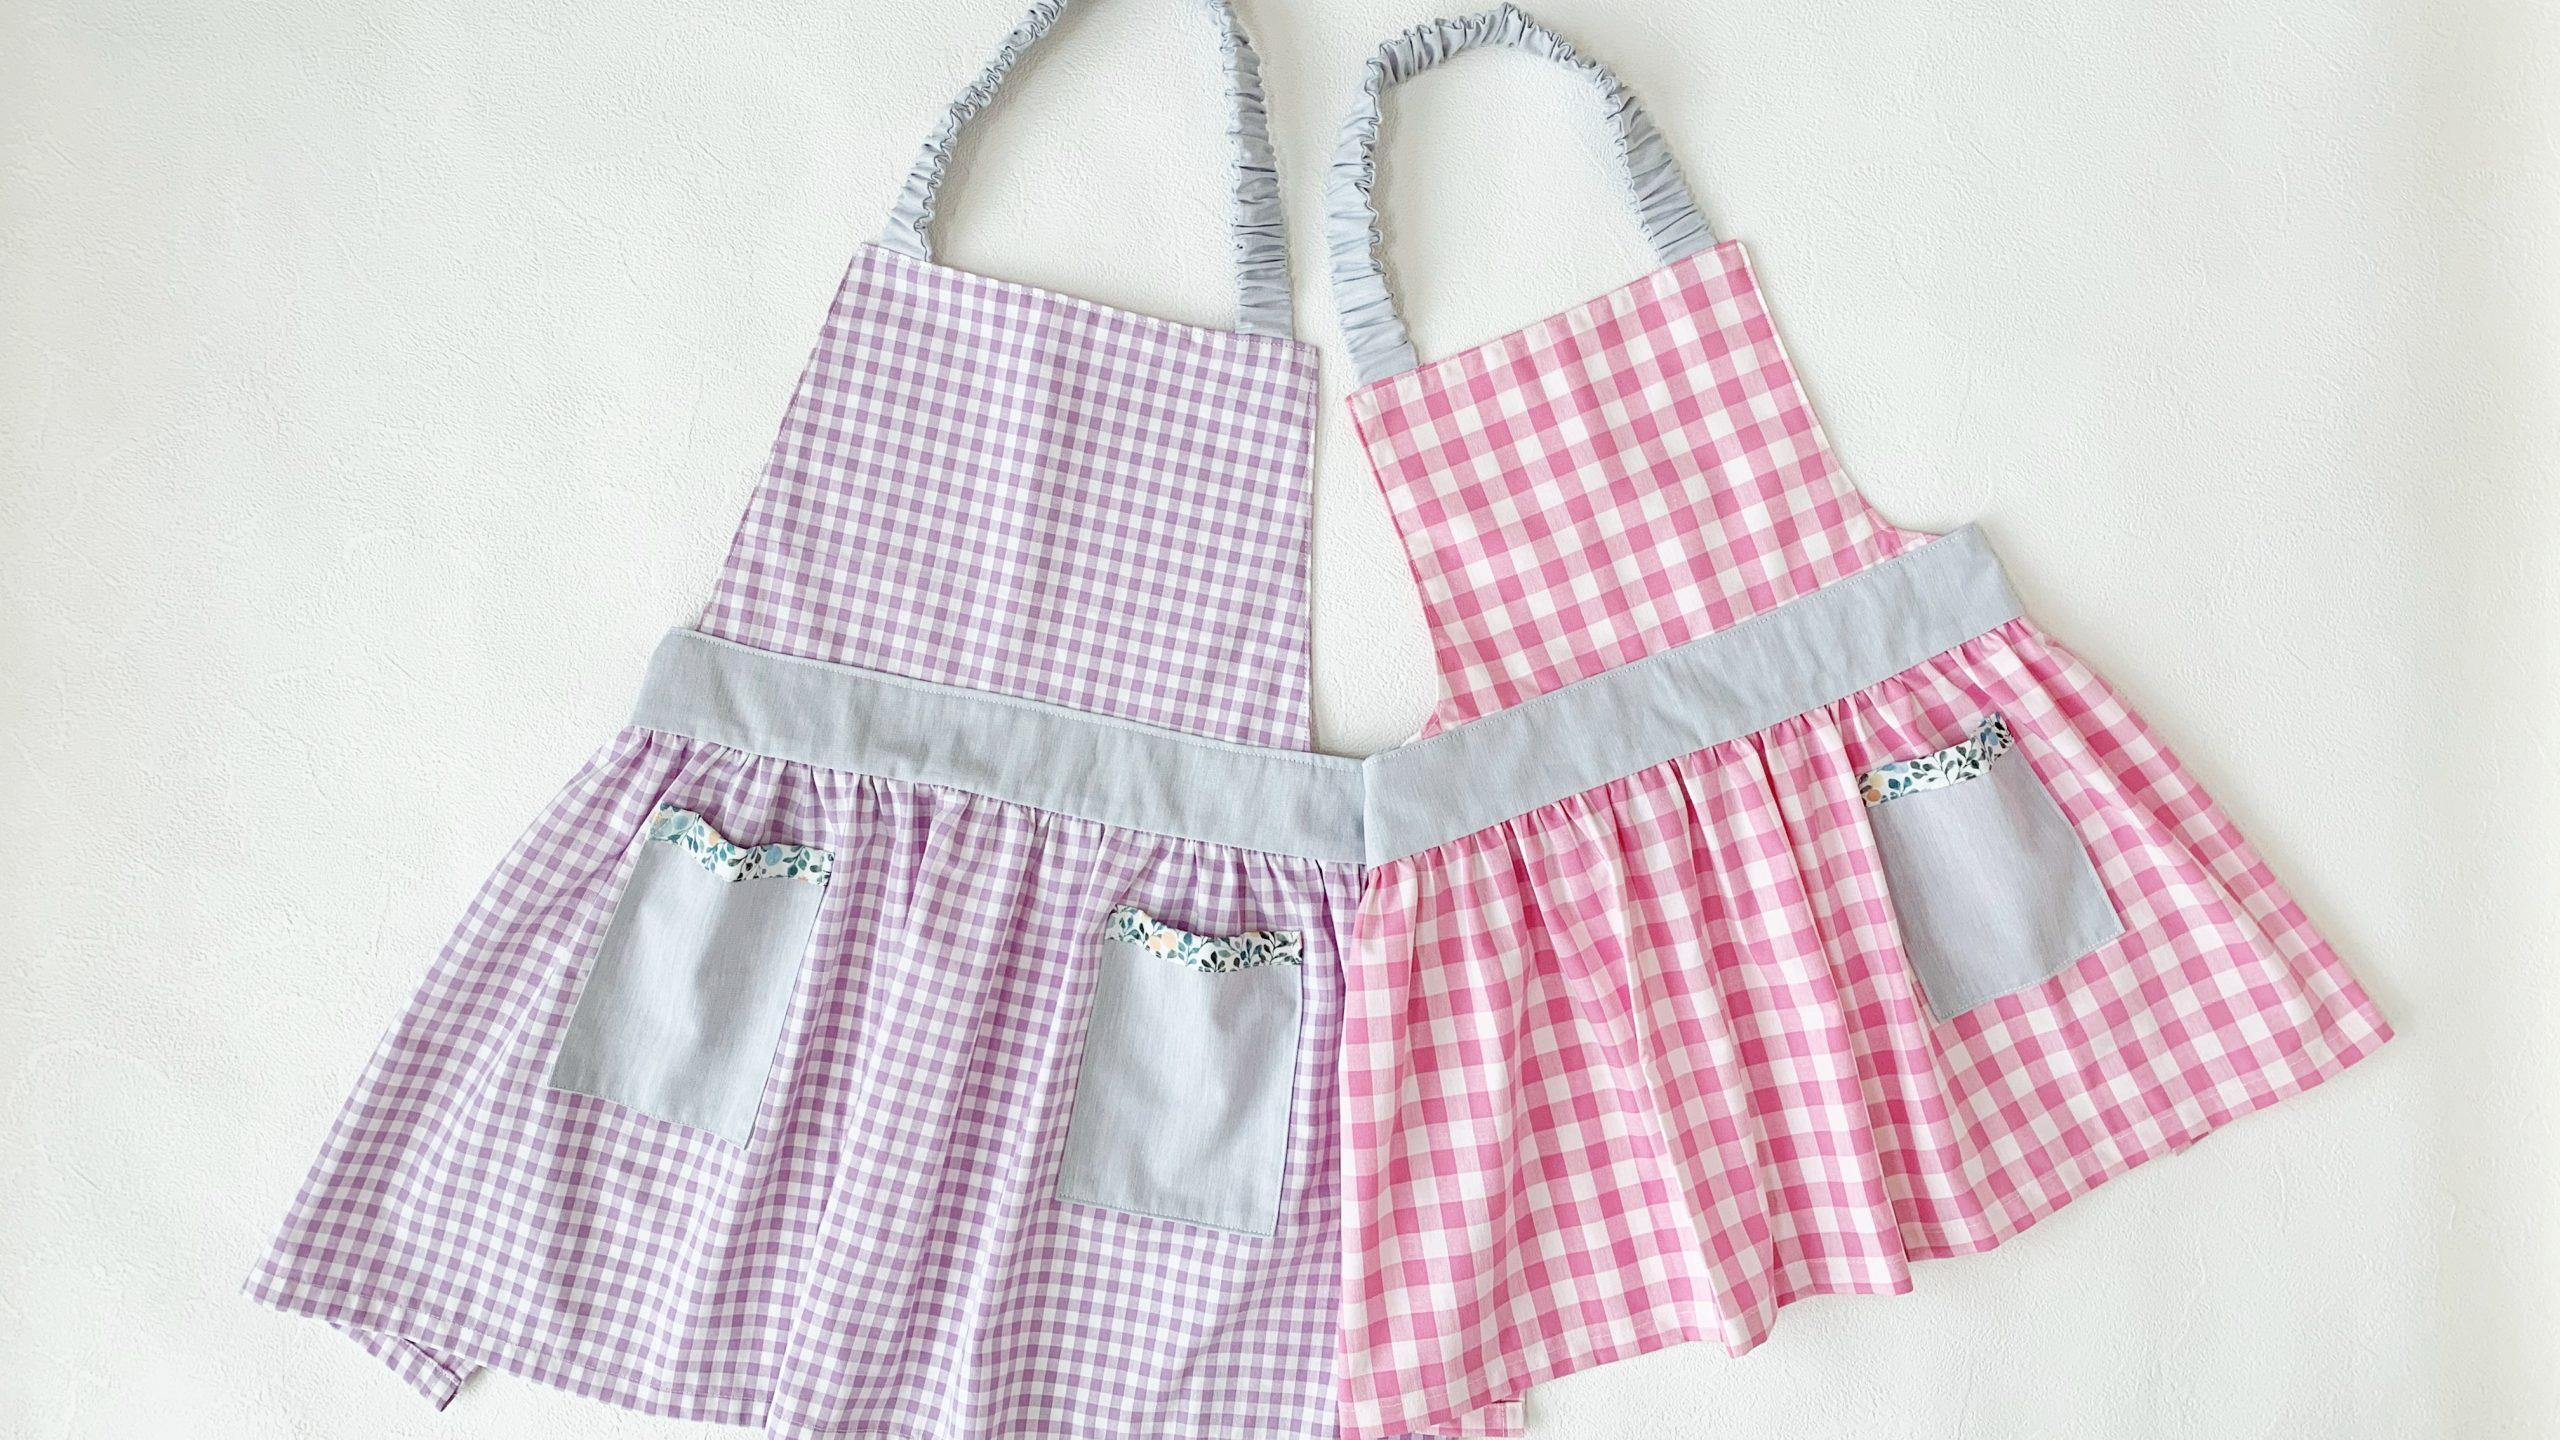 簡単かわいい子ども用ギャザーエプロンの作り方|ハンドメイド 初心者のための洋裁メディア縫いナビ|丸石織物